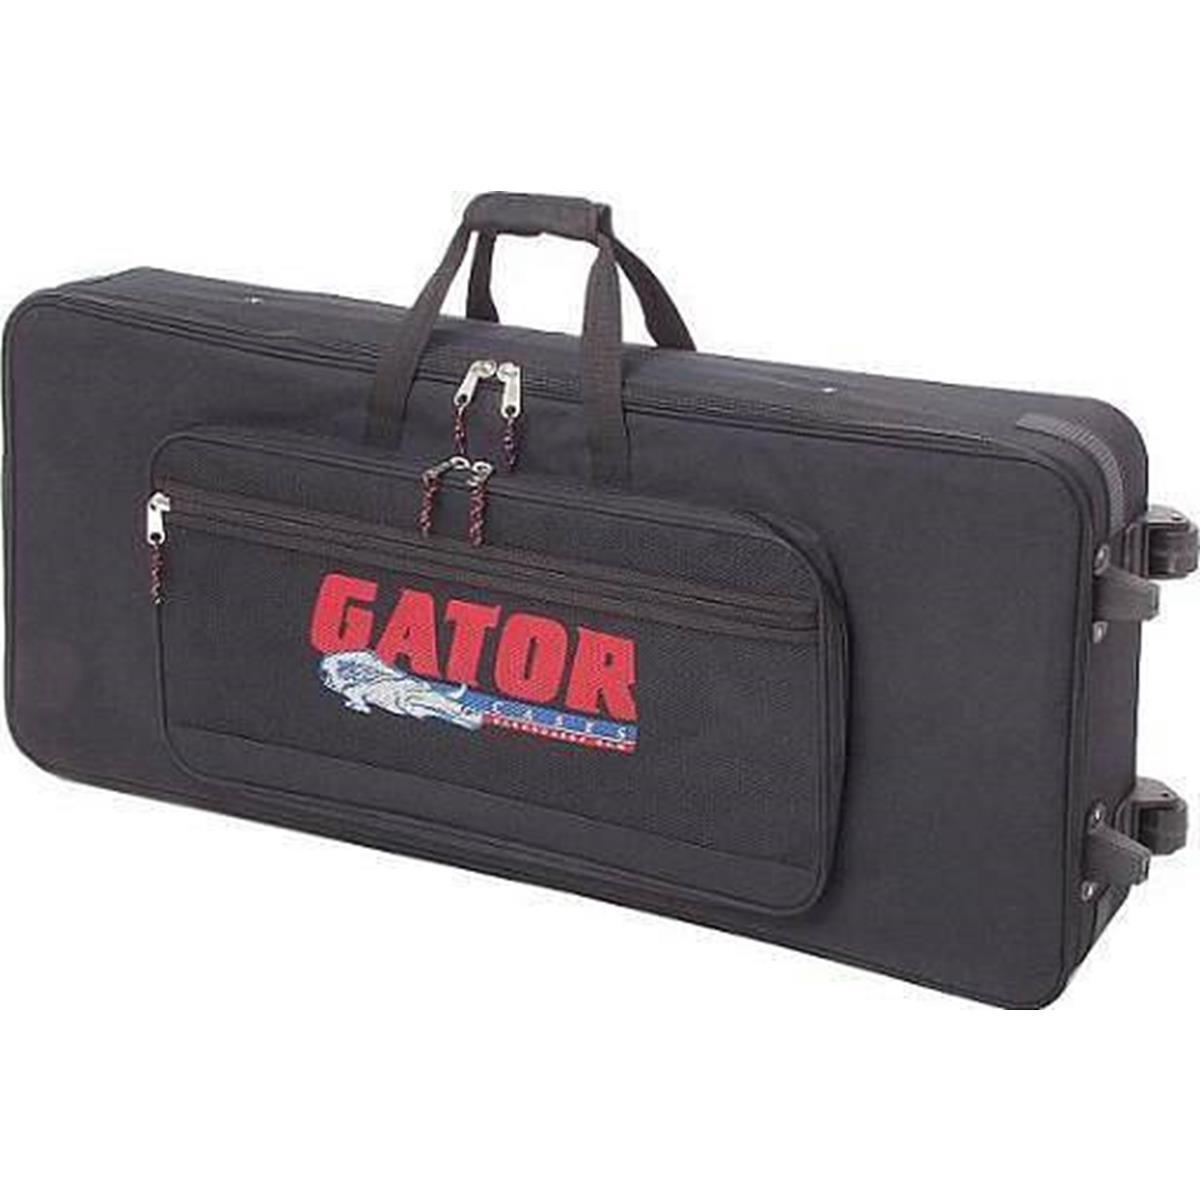 Gator GK-76-SLIM - astuccio light ultra sottile per tastiera 76 tasti - Tastiere Accessori - Custodie e Borse